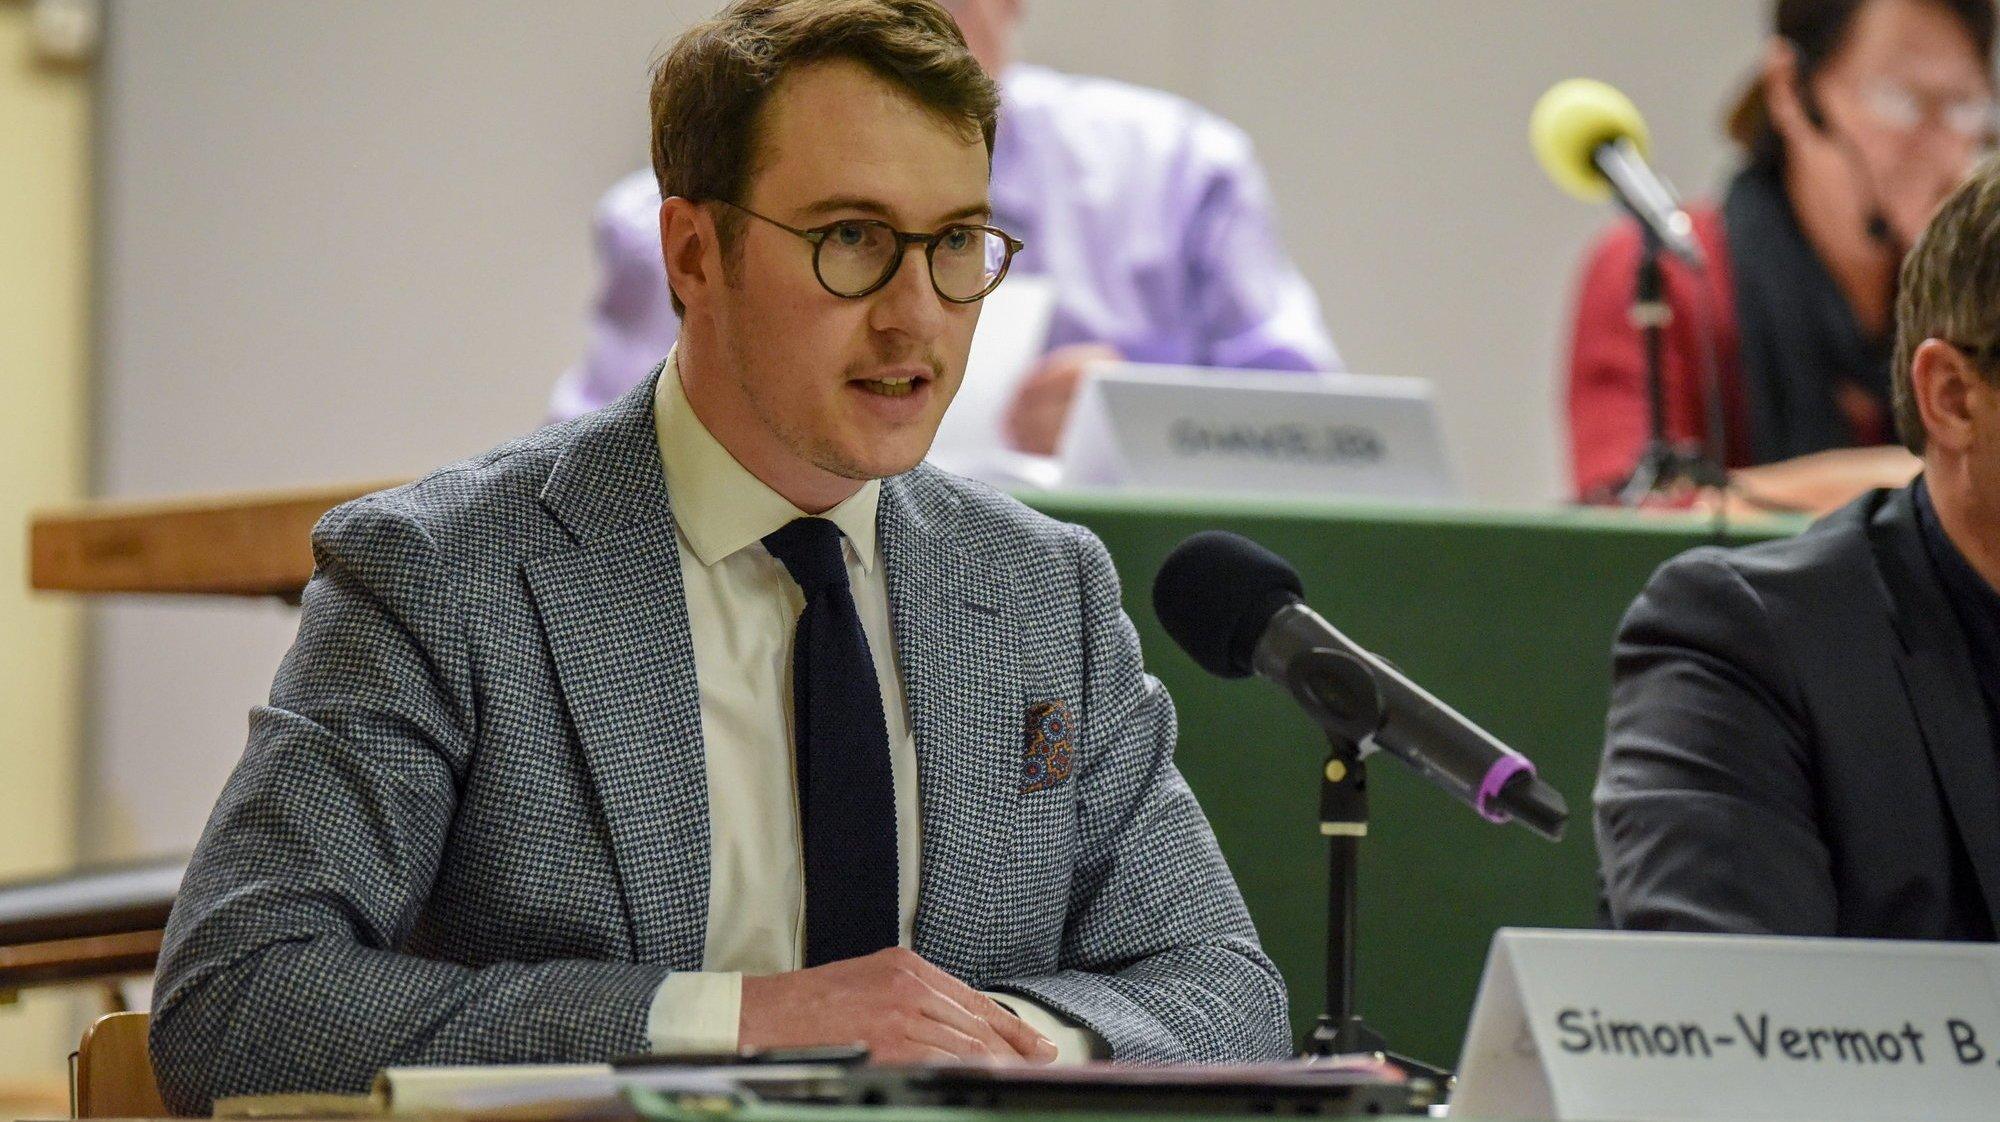 Val-de-Travers: Benoît Simon-Vermot président